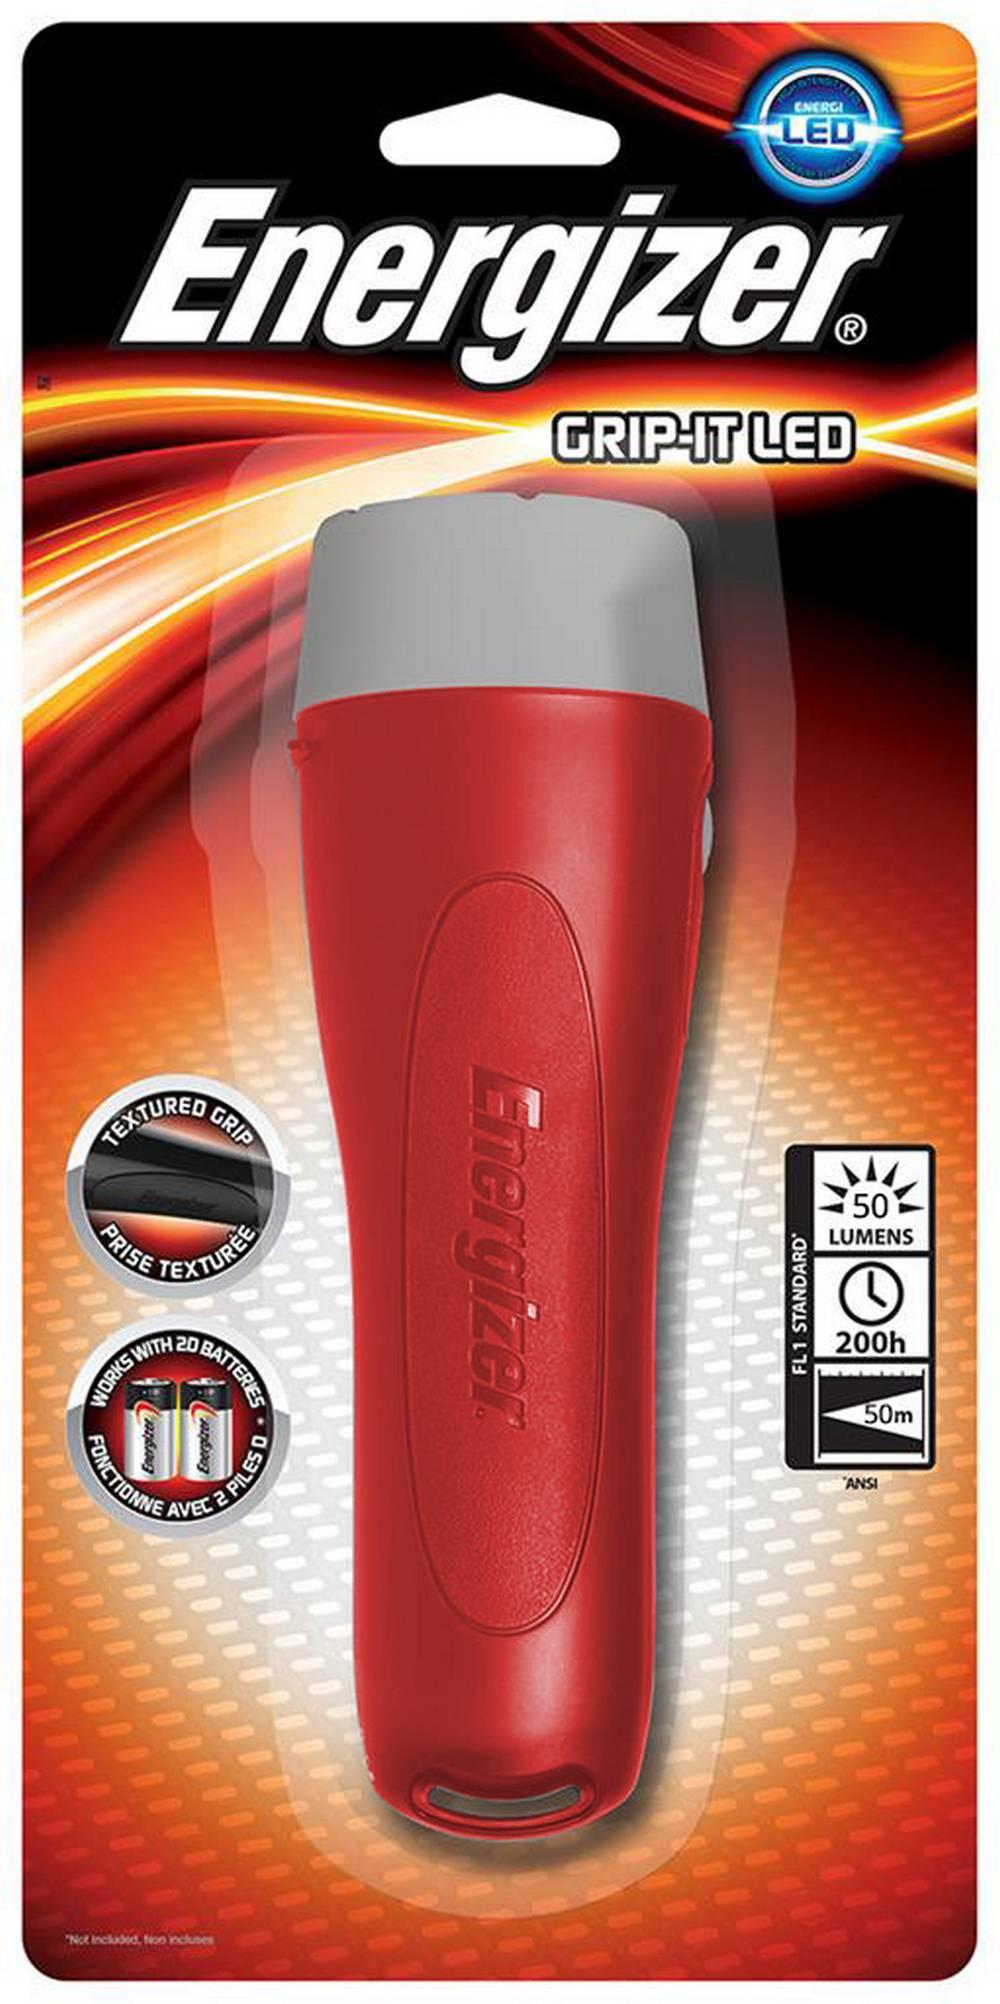 Φακός Energizer Grip-it Led 2D 1 Led 50 Lumens